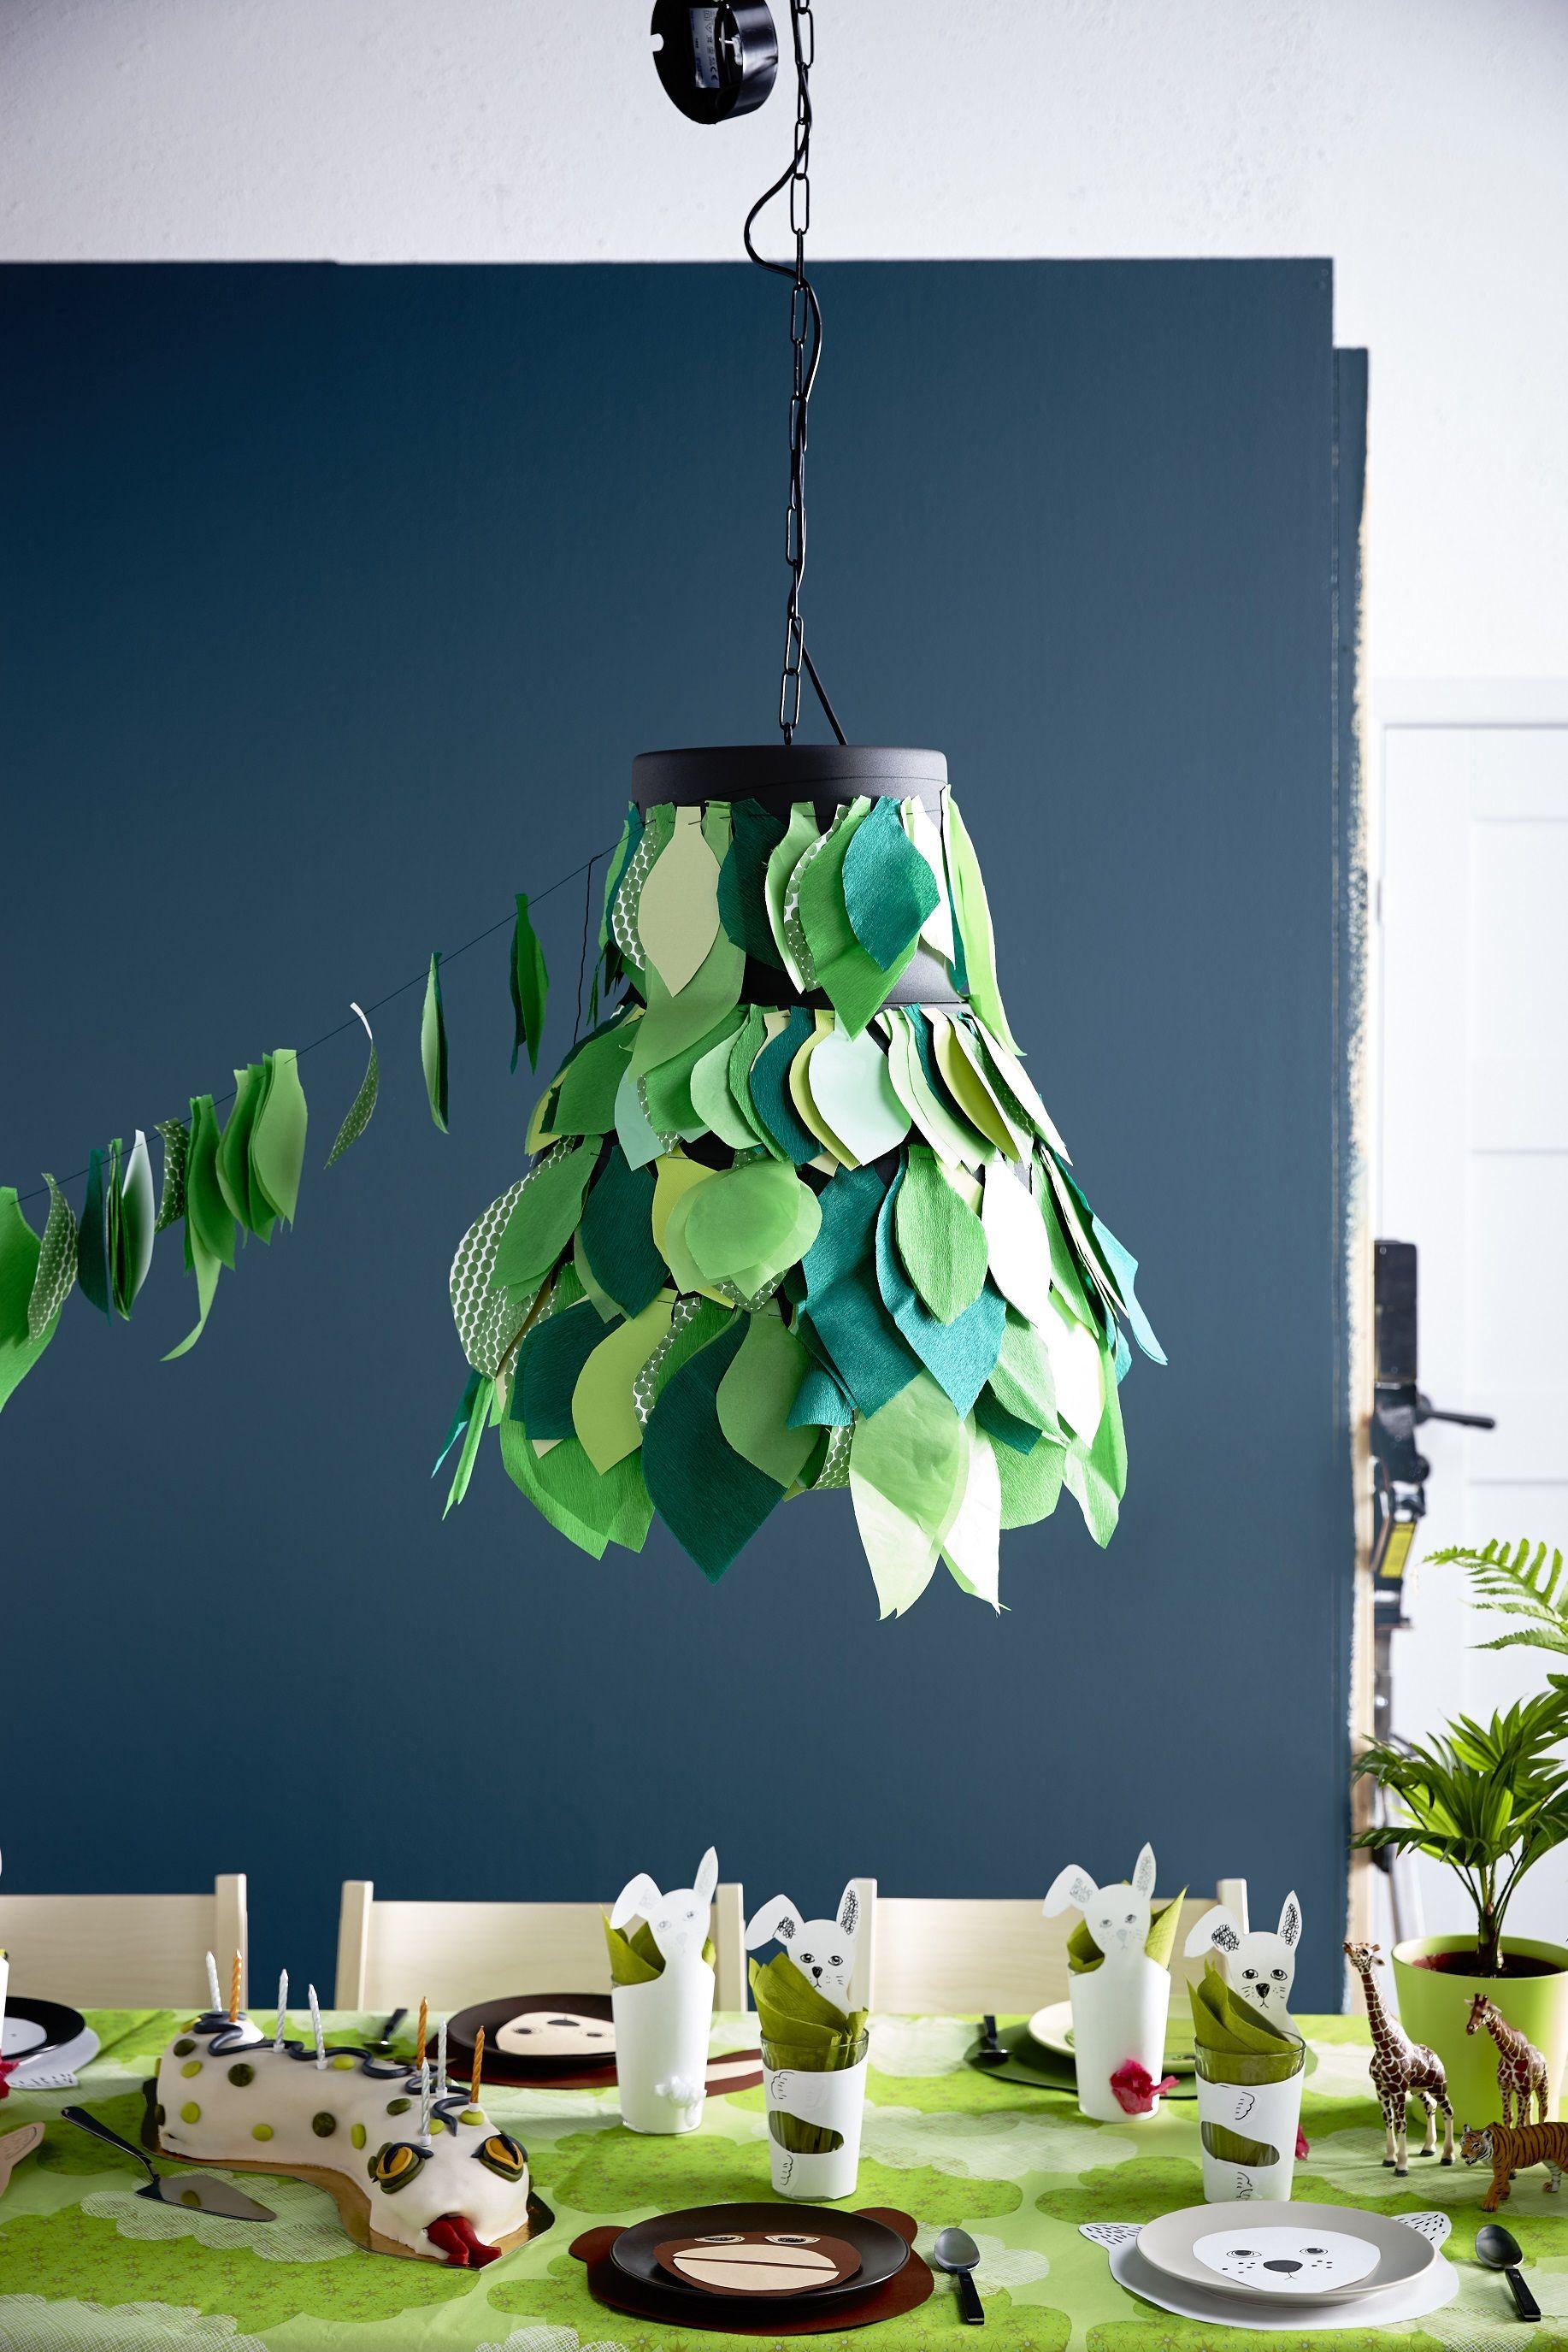 Wooninspiratie Kinderfeestje Ikea Decoratie